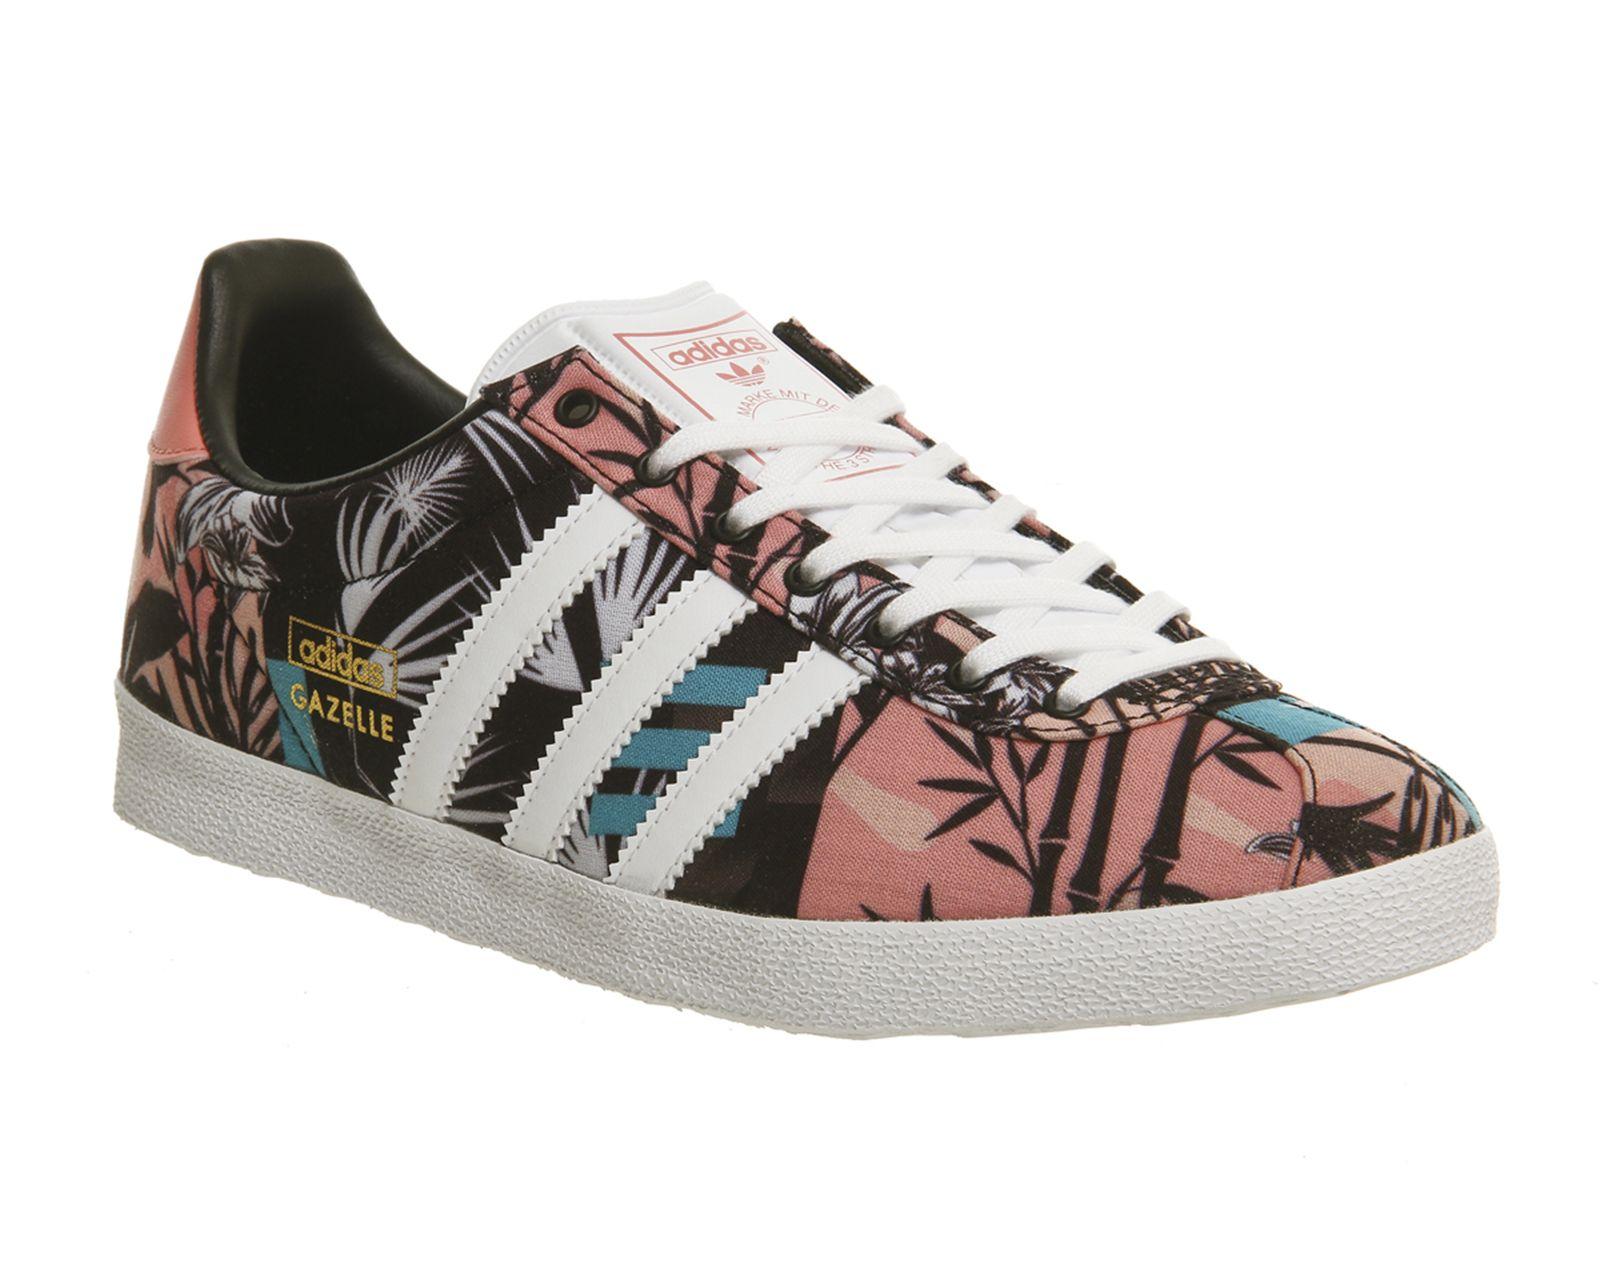 Gazelle OG llevar: calzado Pinterest Gazelle Adidas, Adidas y